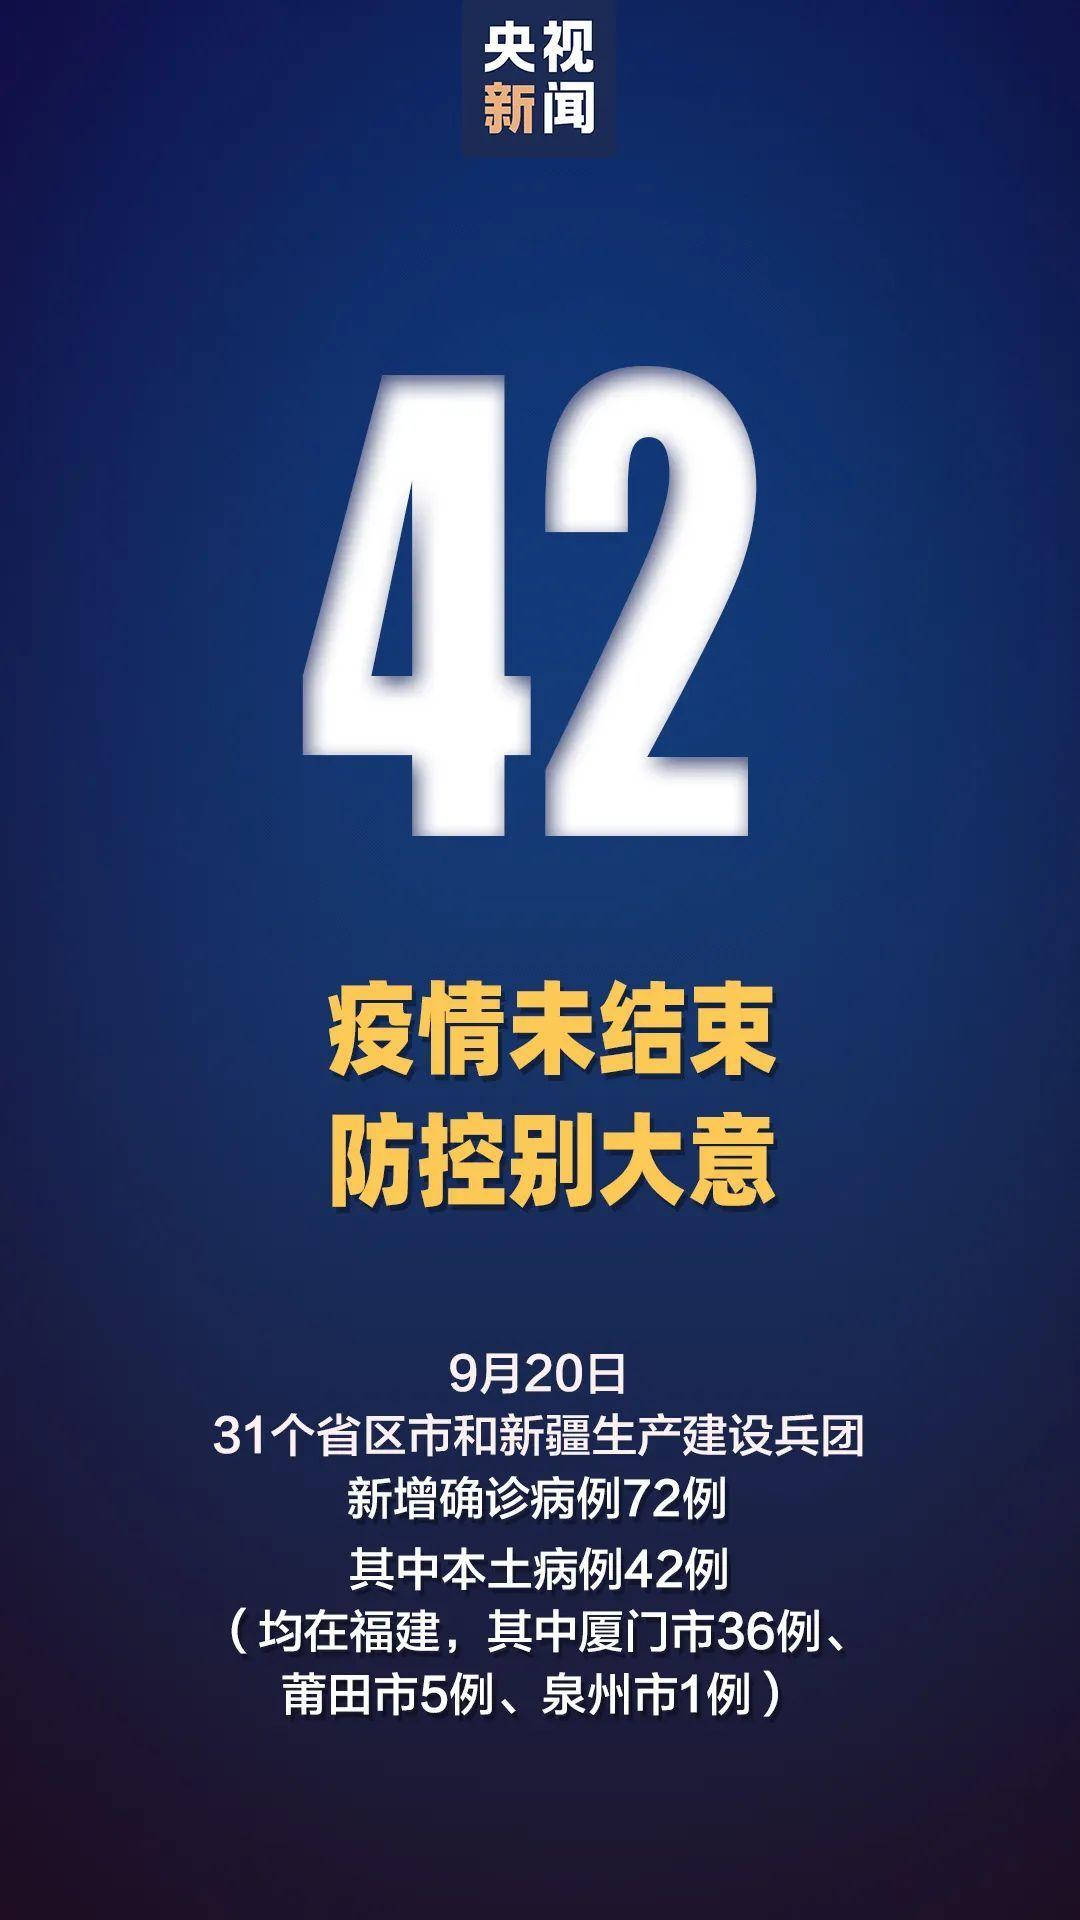 突发!黑龙江新增1例阳性,去过机场、中央大街,还有多家酒店酒楼